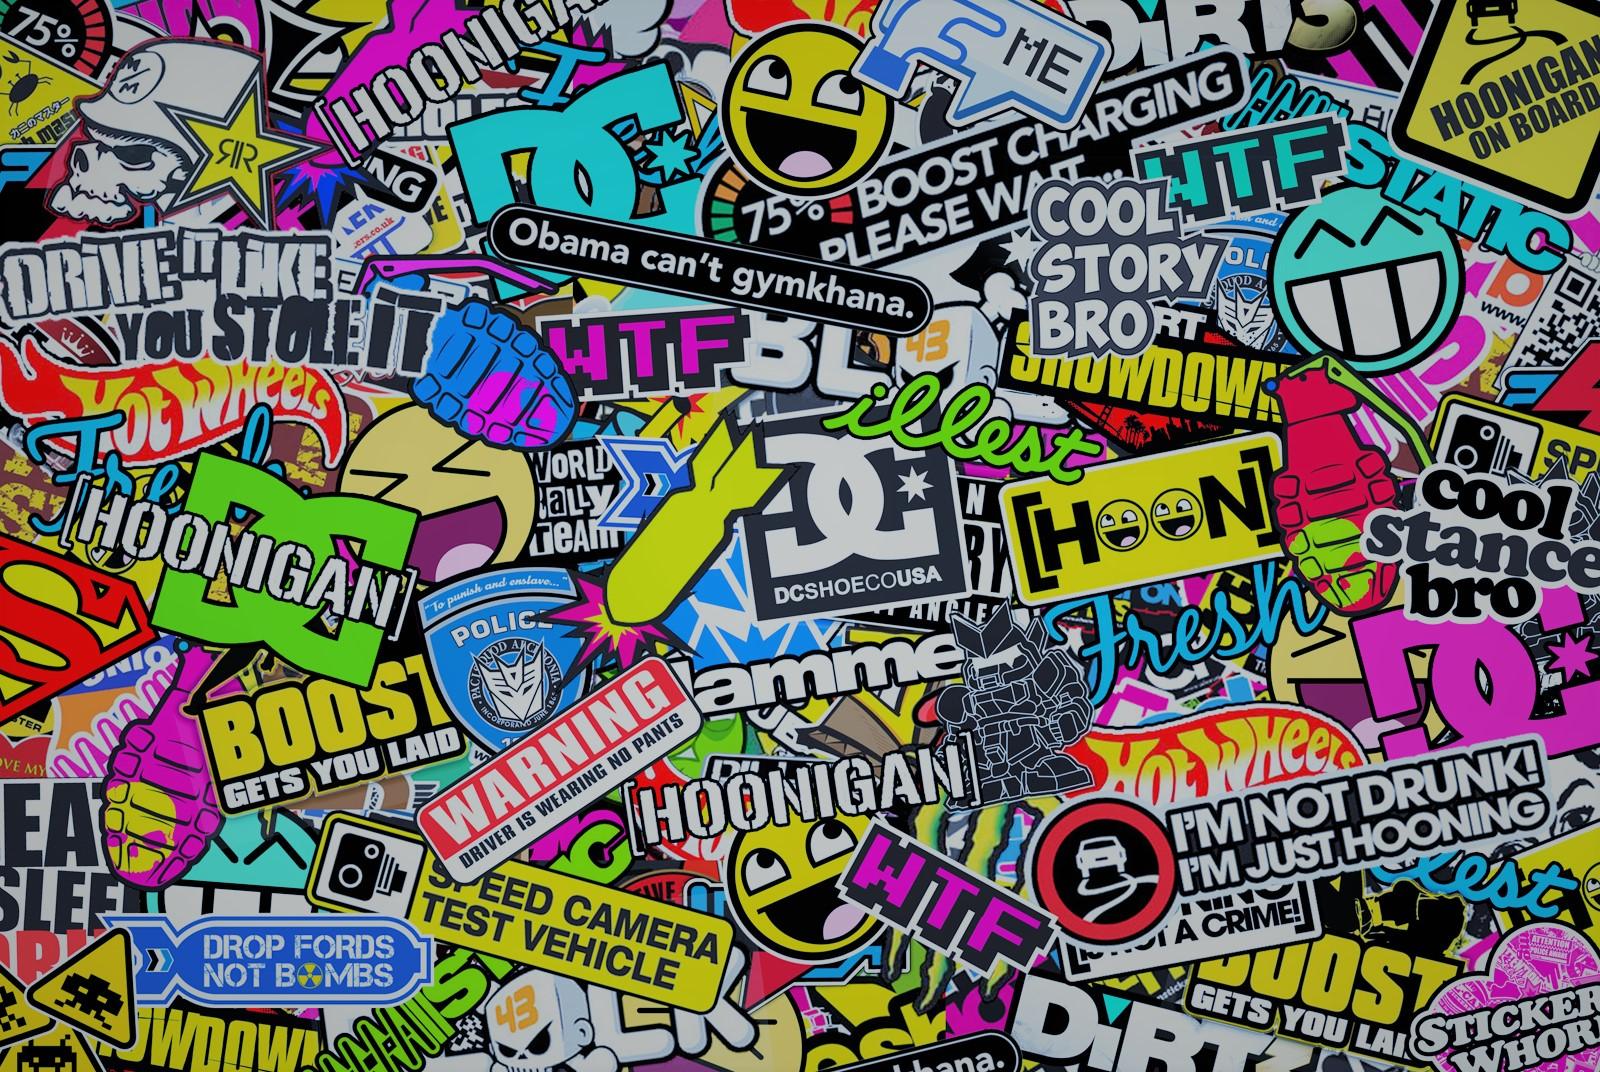 Wallpaper Hoonigan Ken Block 1600x1072 Itzmikk